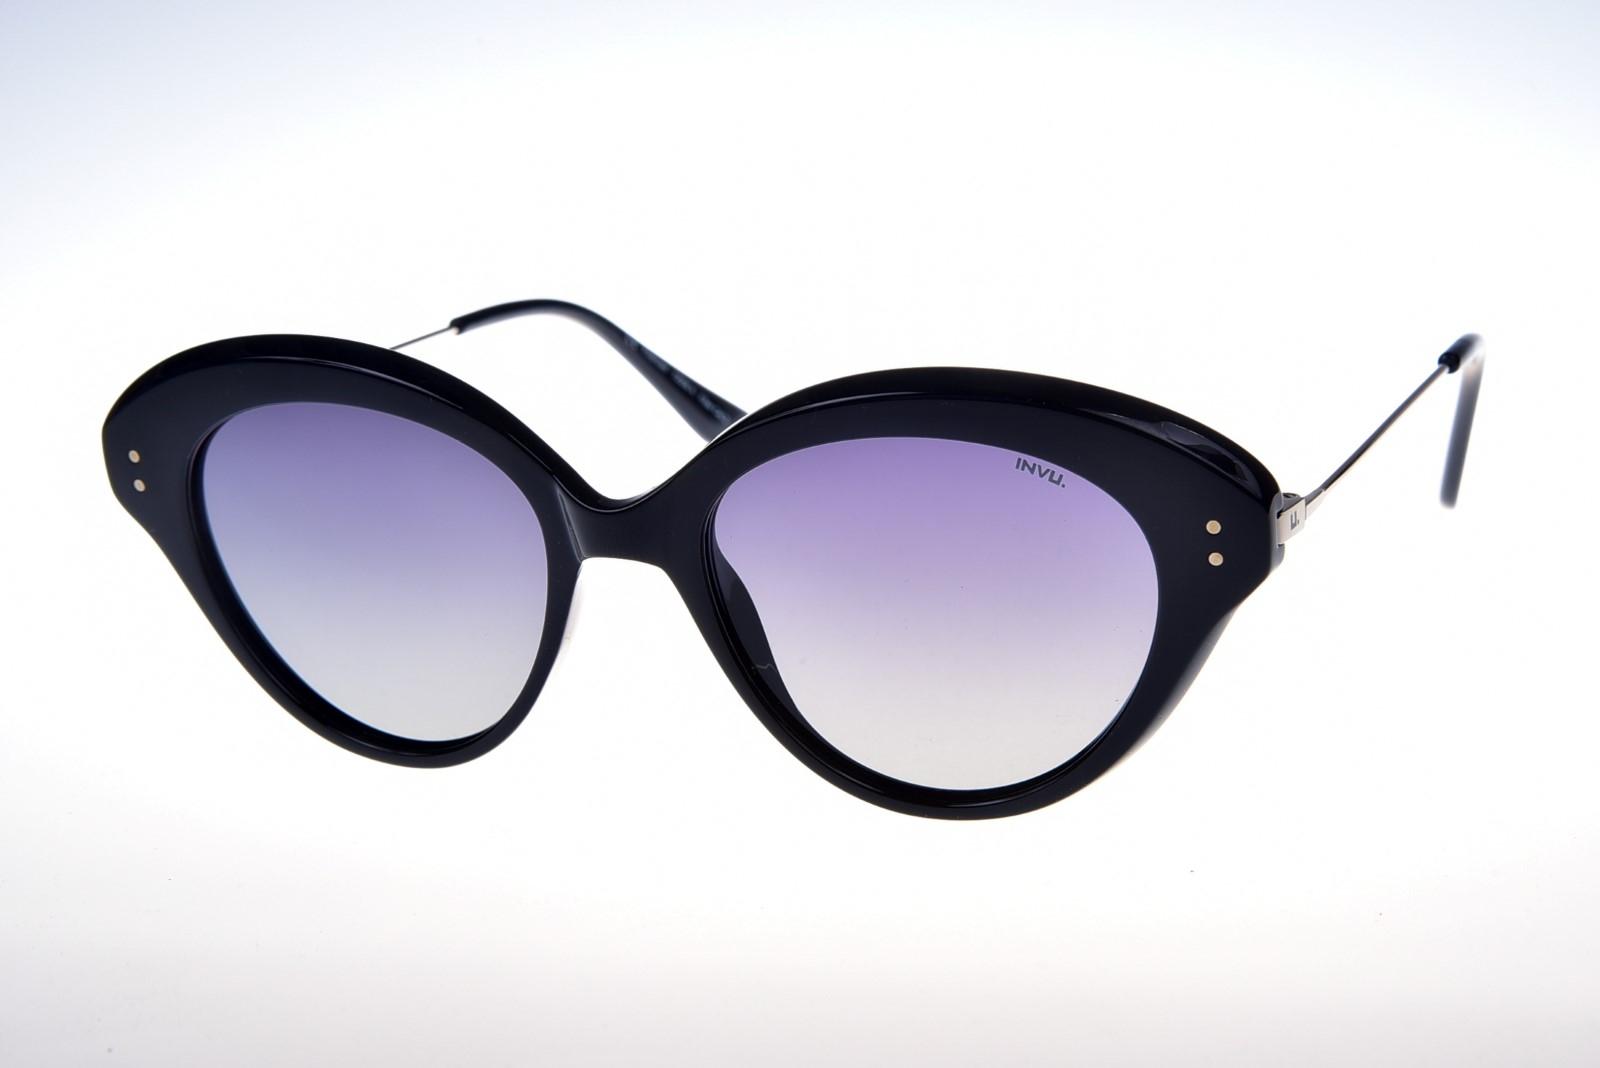 INVU. Trend T2006A - Dámske slnečné okuliare